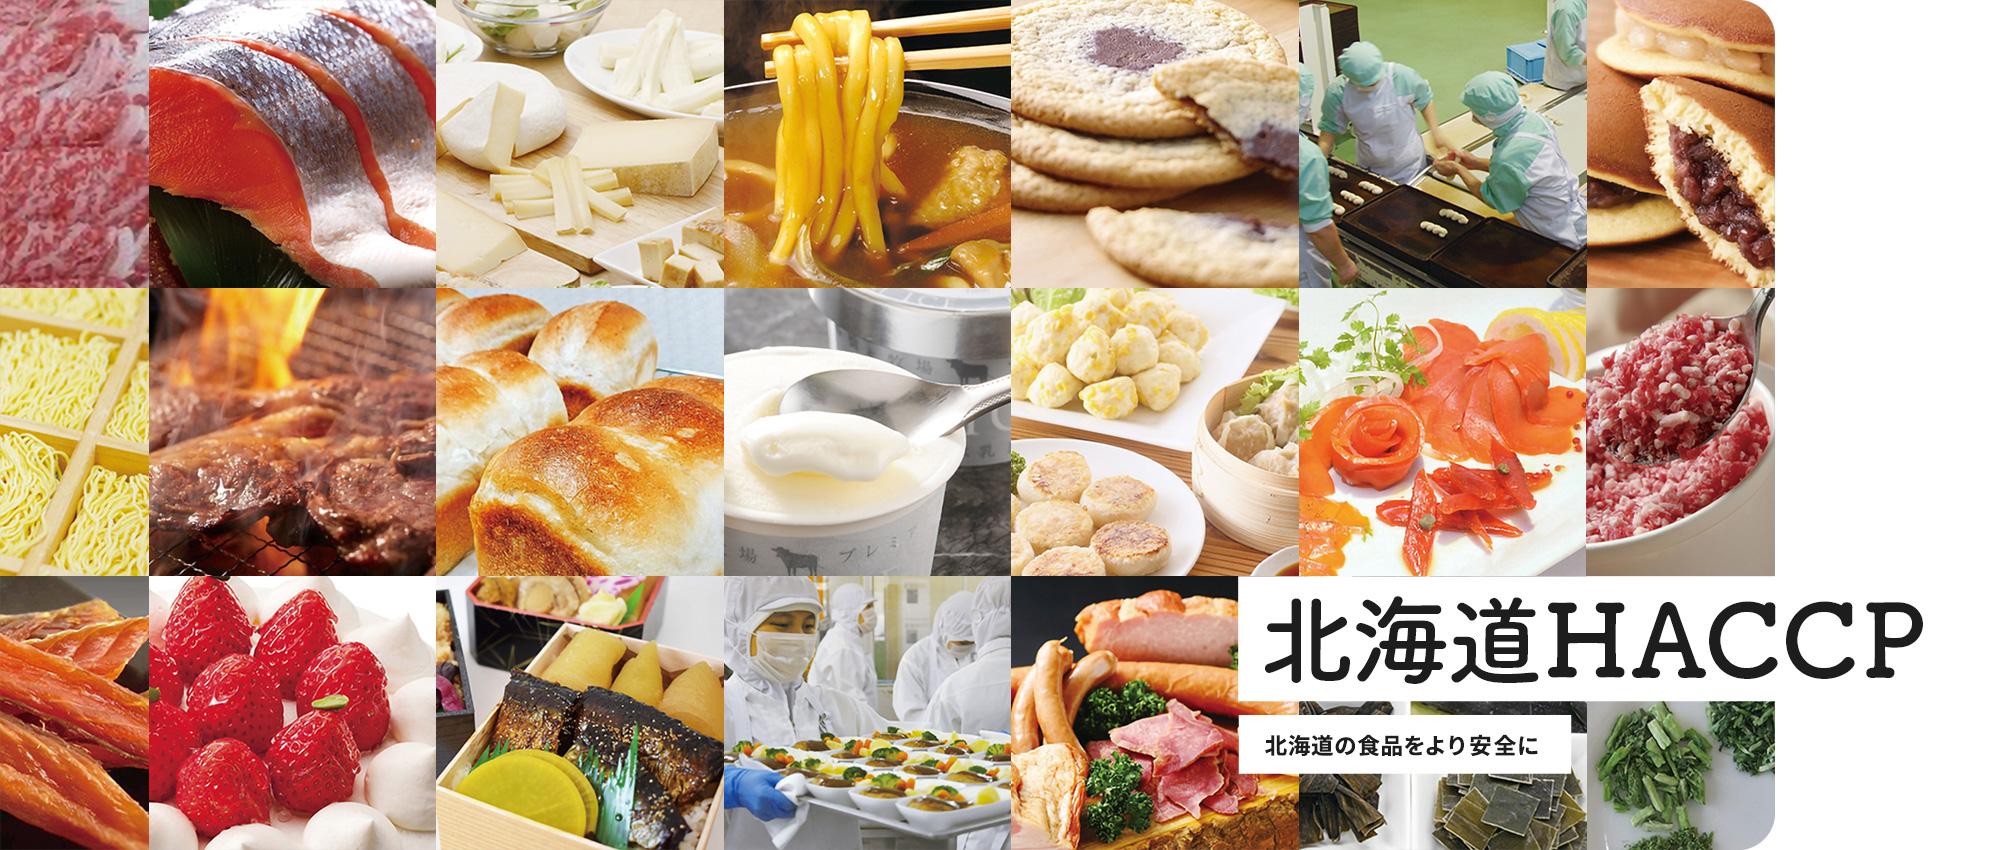 北海道HACCP